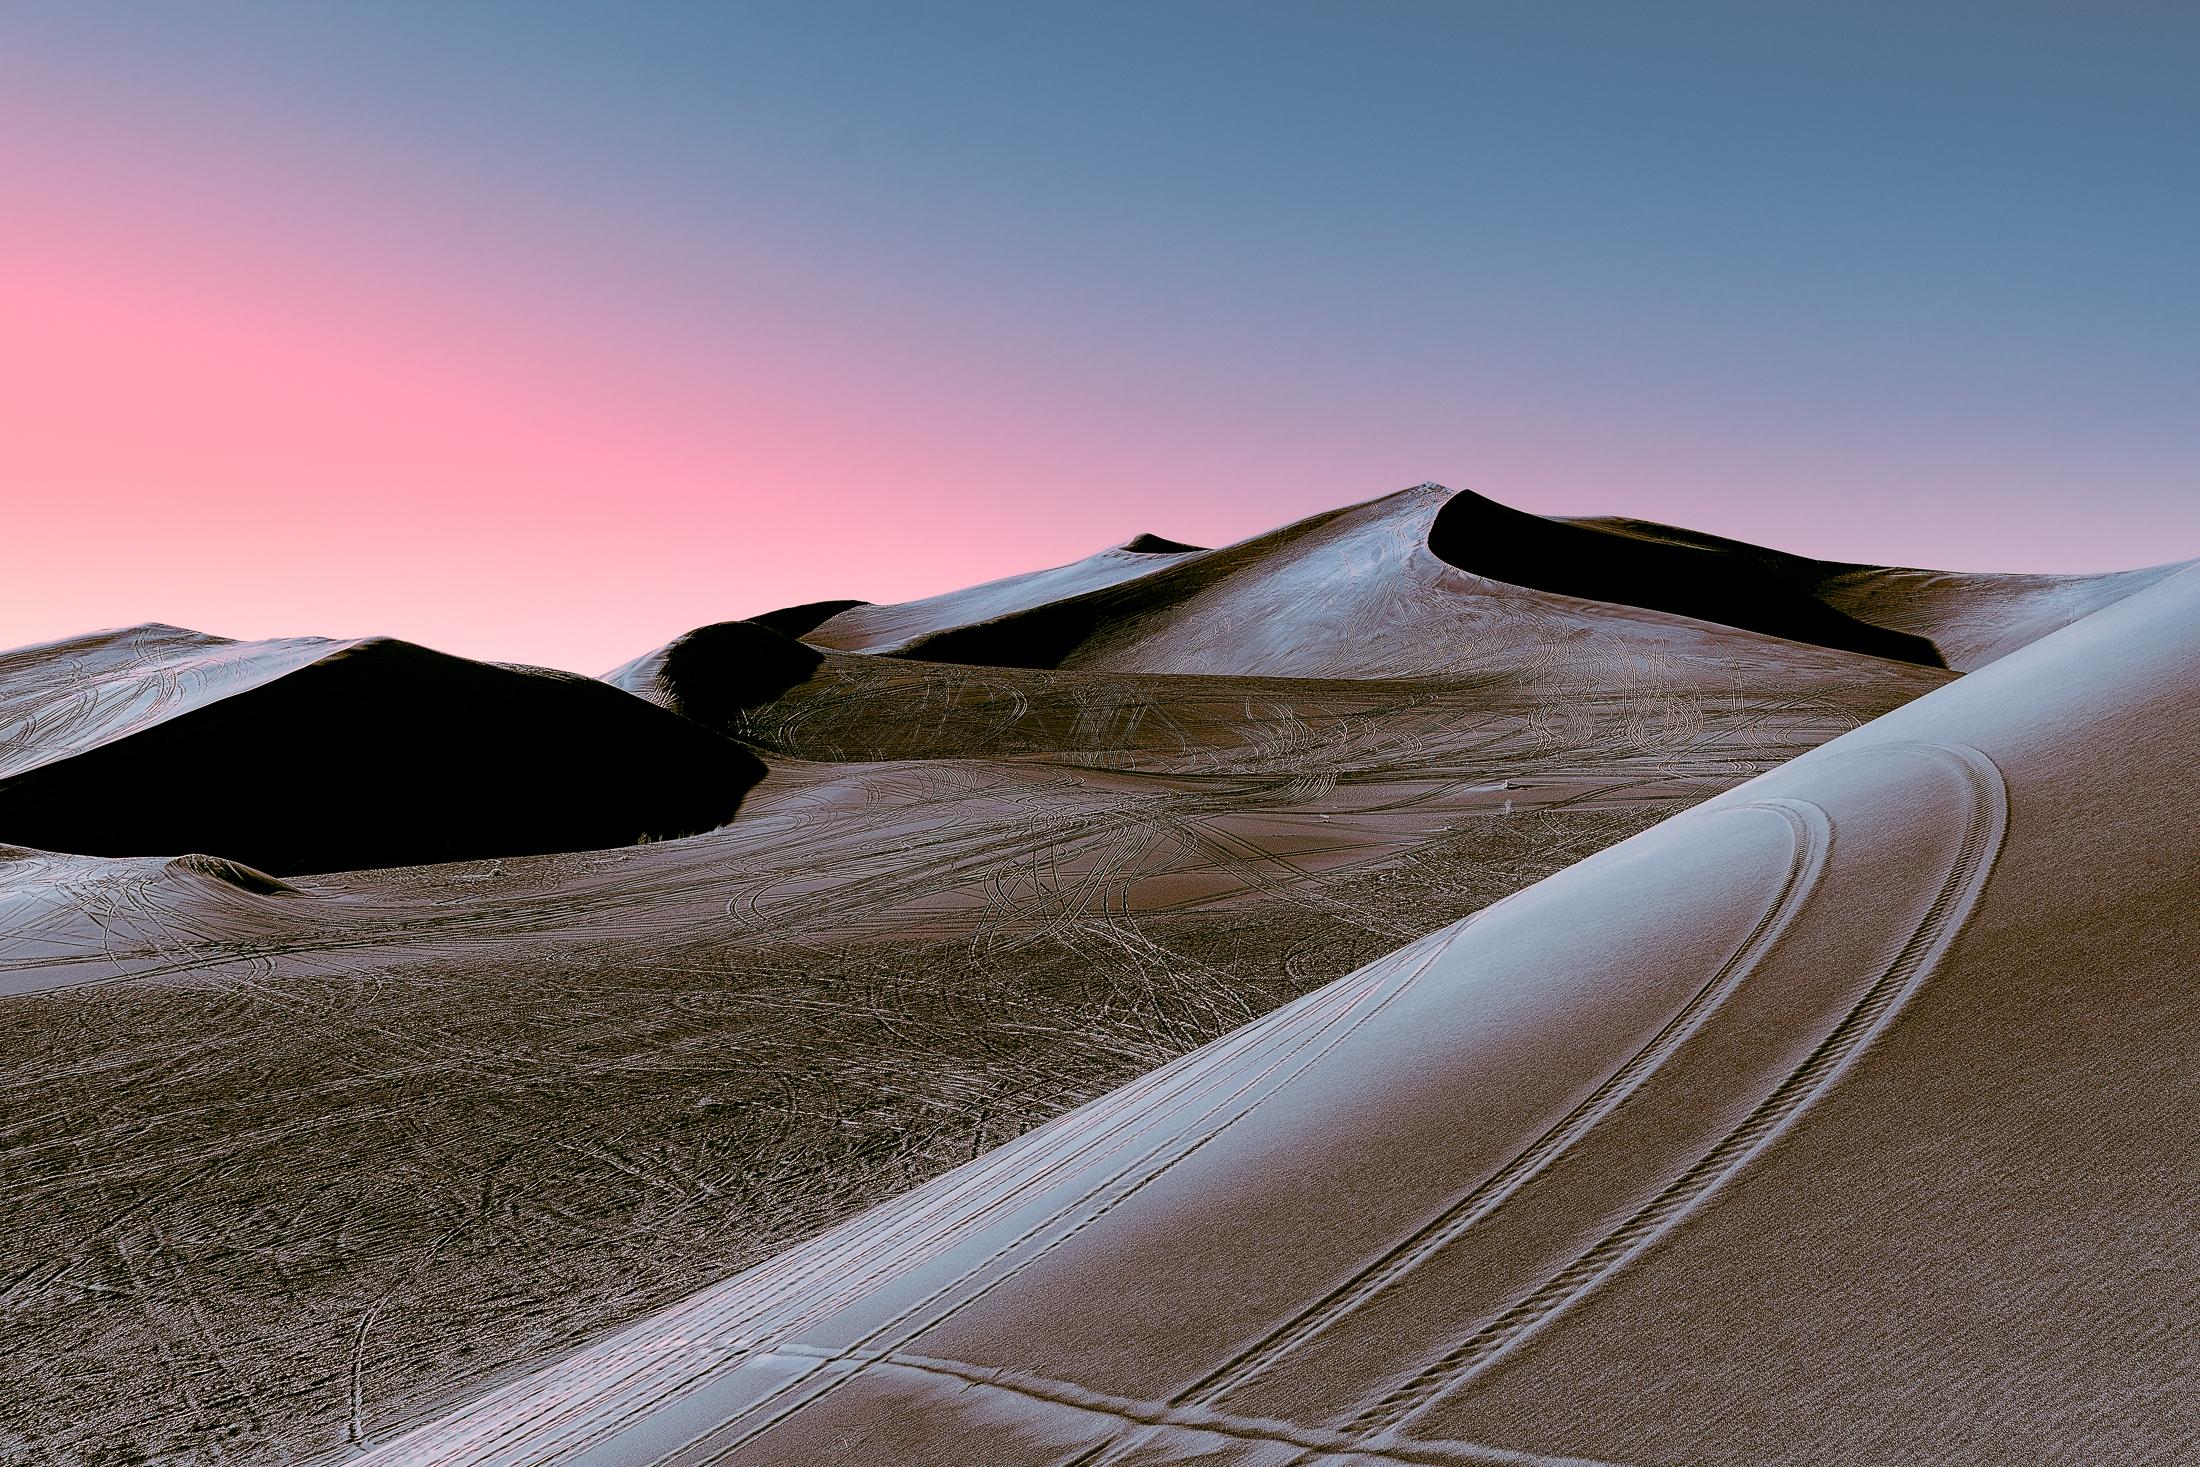 Los desiertos futuristas de Stefano Gardel